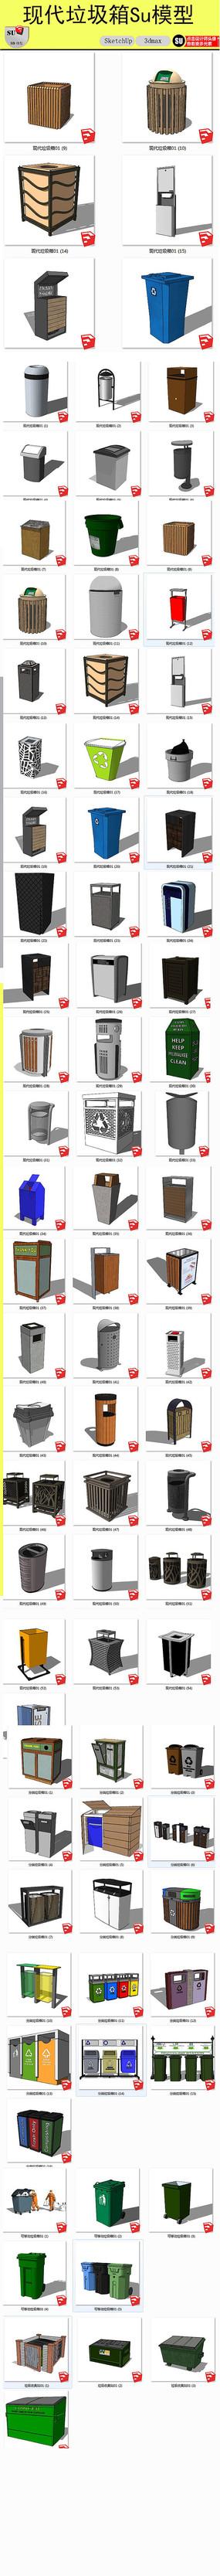 现代垃圾箱